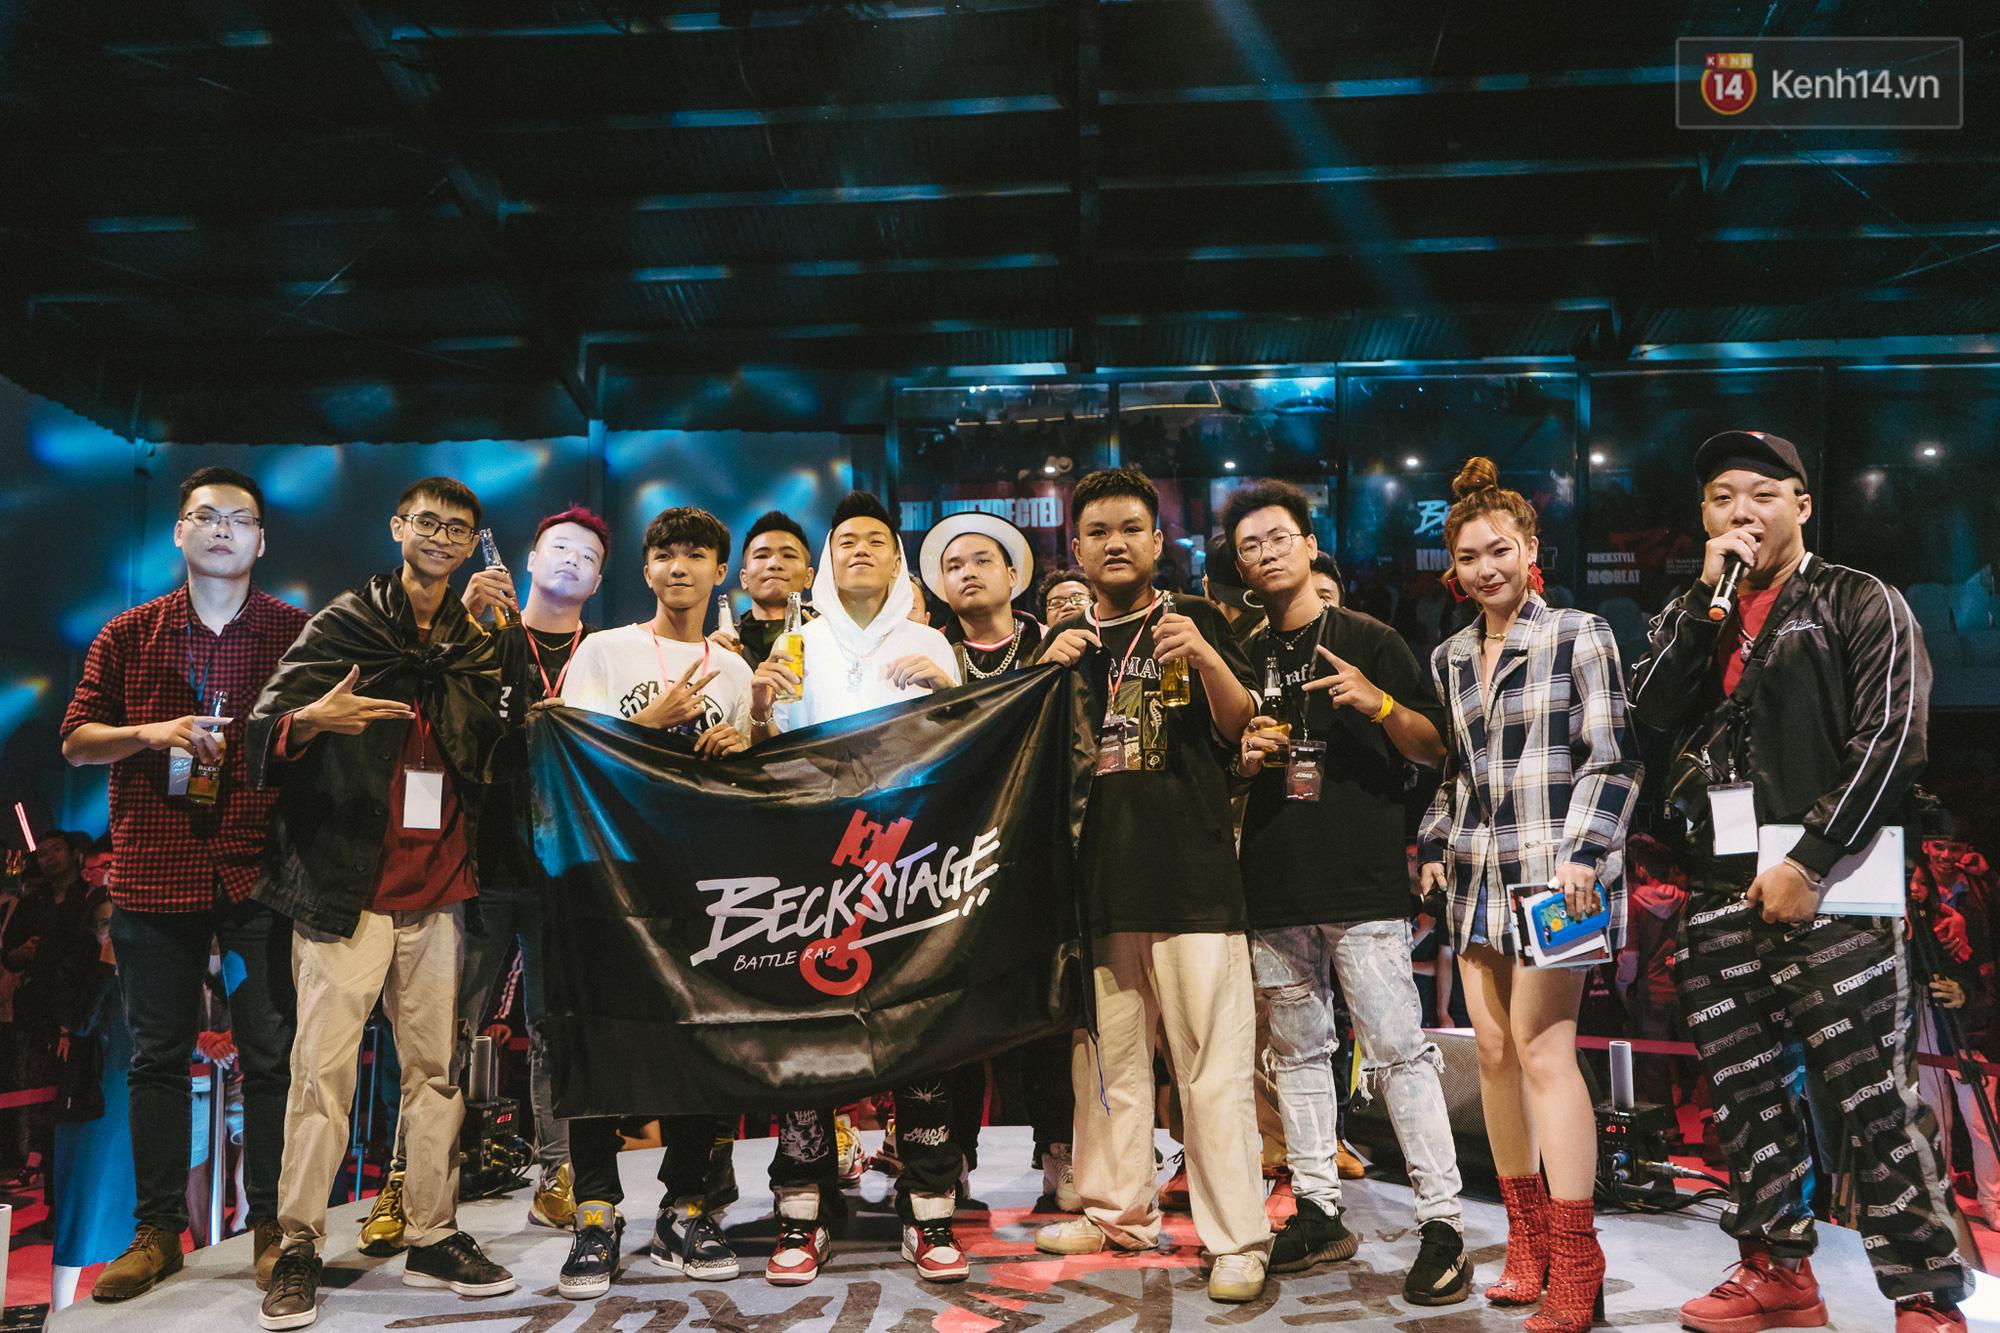 """Beck'Stage Battle Rap: Giải đấu khủng nhất của rap Việt Nam và lời khẳng định """"We are Striver"""" - Ảnh 11."""